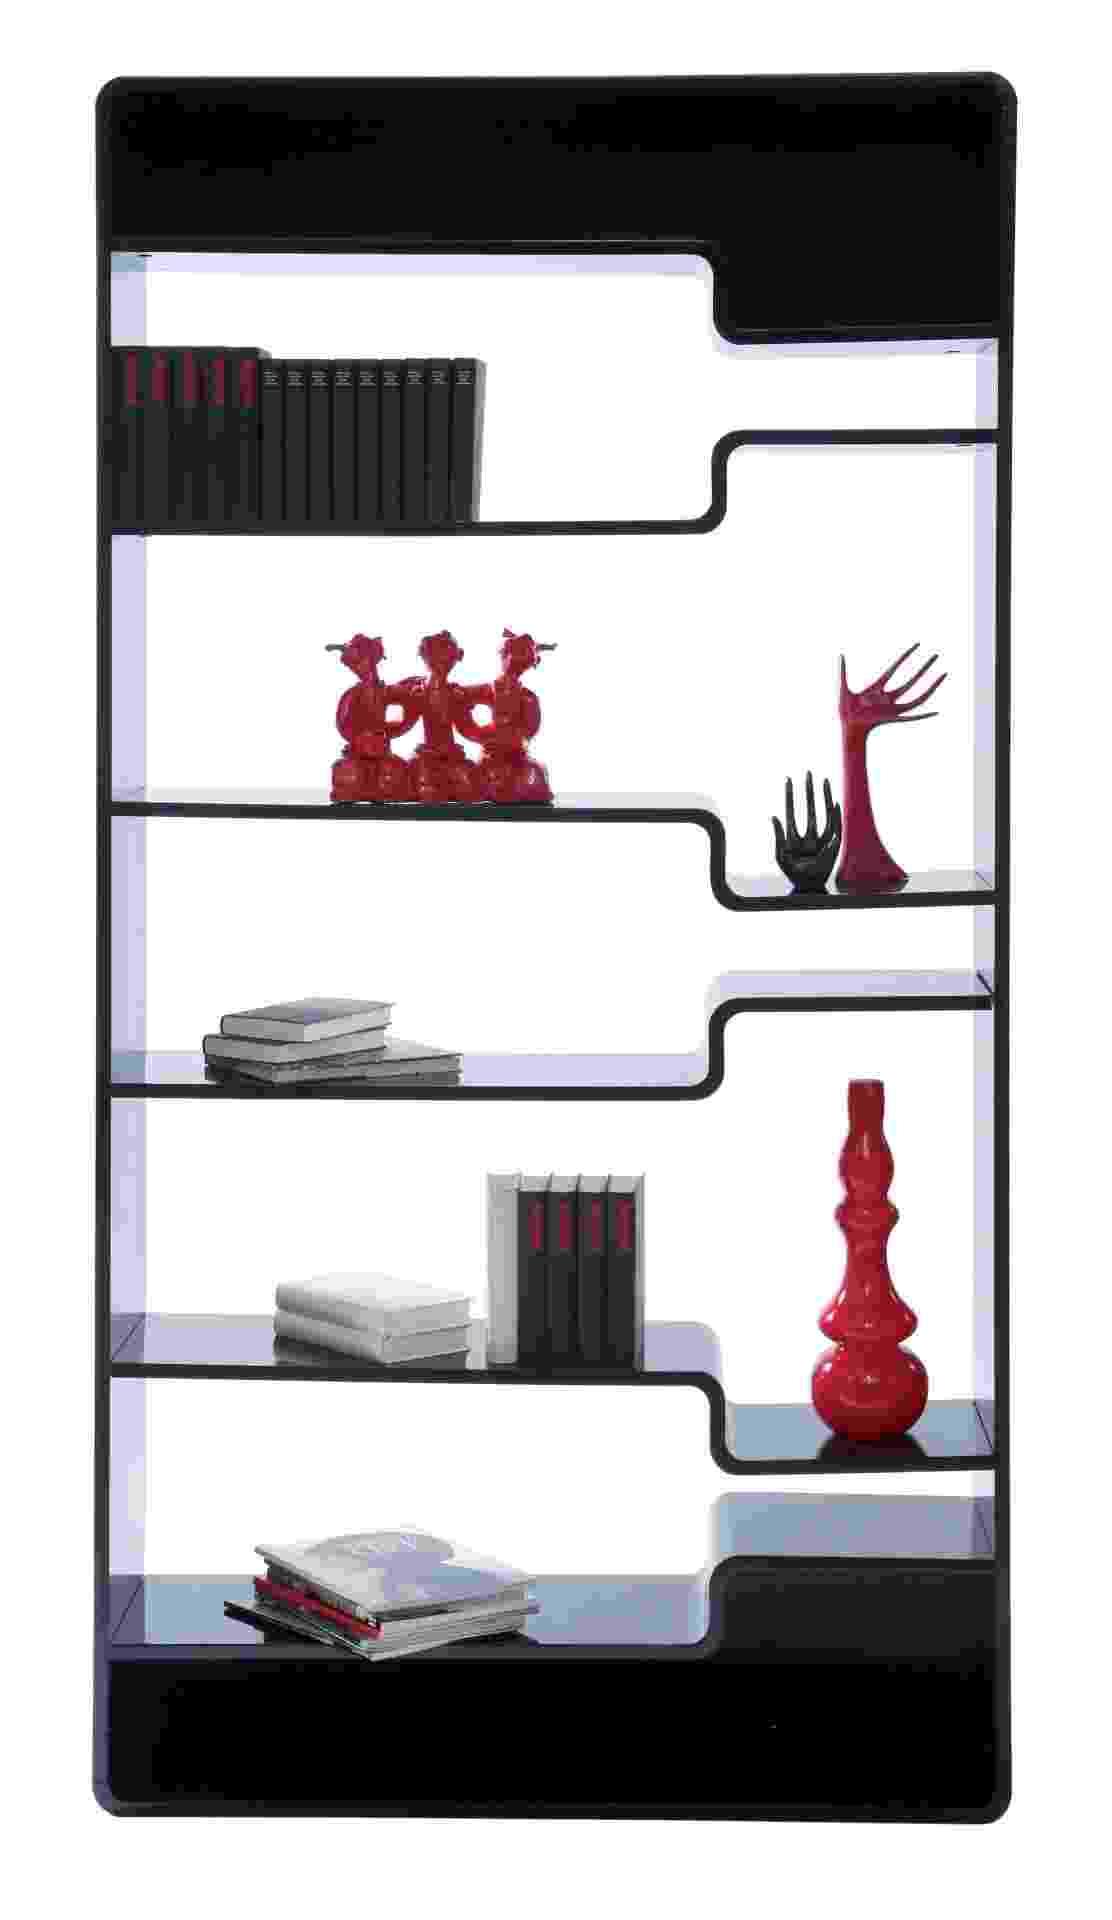 Da marca alemã Kare, a estante Soft Shelf Black, feita de MDF com laca brilhante, tem prateleiras com diferentes alturas. O móvel mede 2,20 m por 1,10 m por 0,30 m e pode ser comprado na filial brasileira (www.kare-saopaulo.com.br) por R$ 5.080 I Preços pesquisados em dezembro de 2012 e sujeitos a alterações - Divulgação